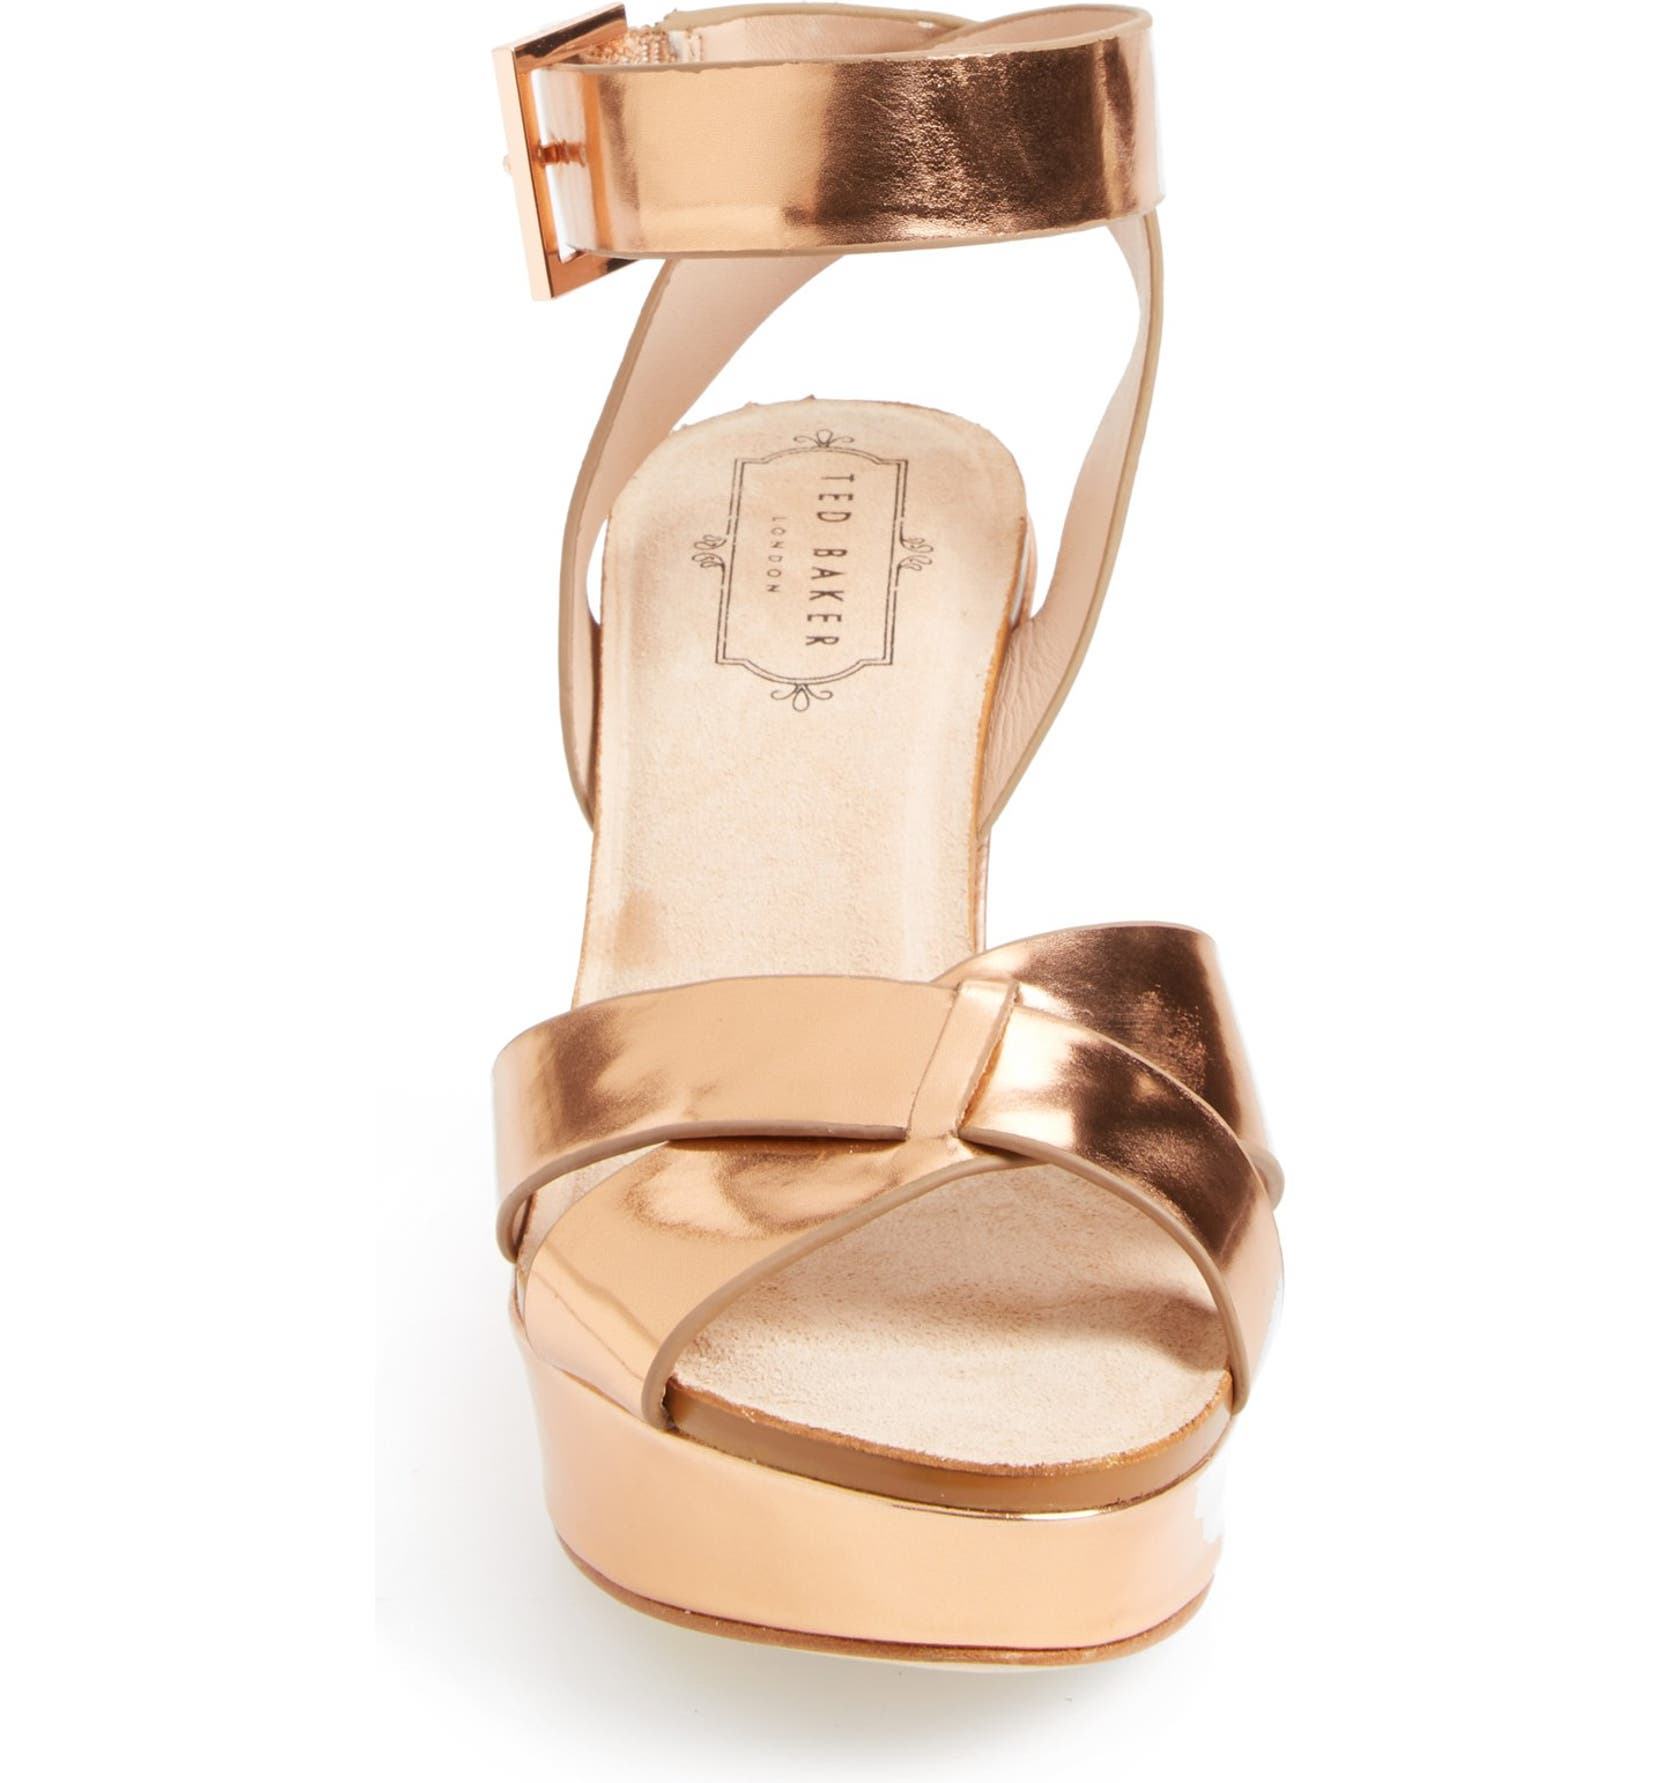 5ac133c6fa Ted Baker London 'Merlotte' Metallic Leather Wedge Sandal (Women)    Nordstrom